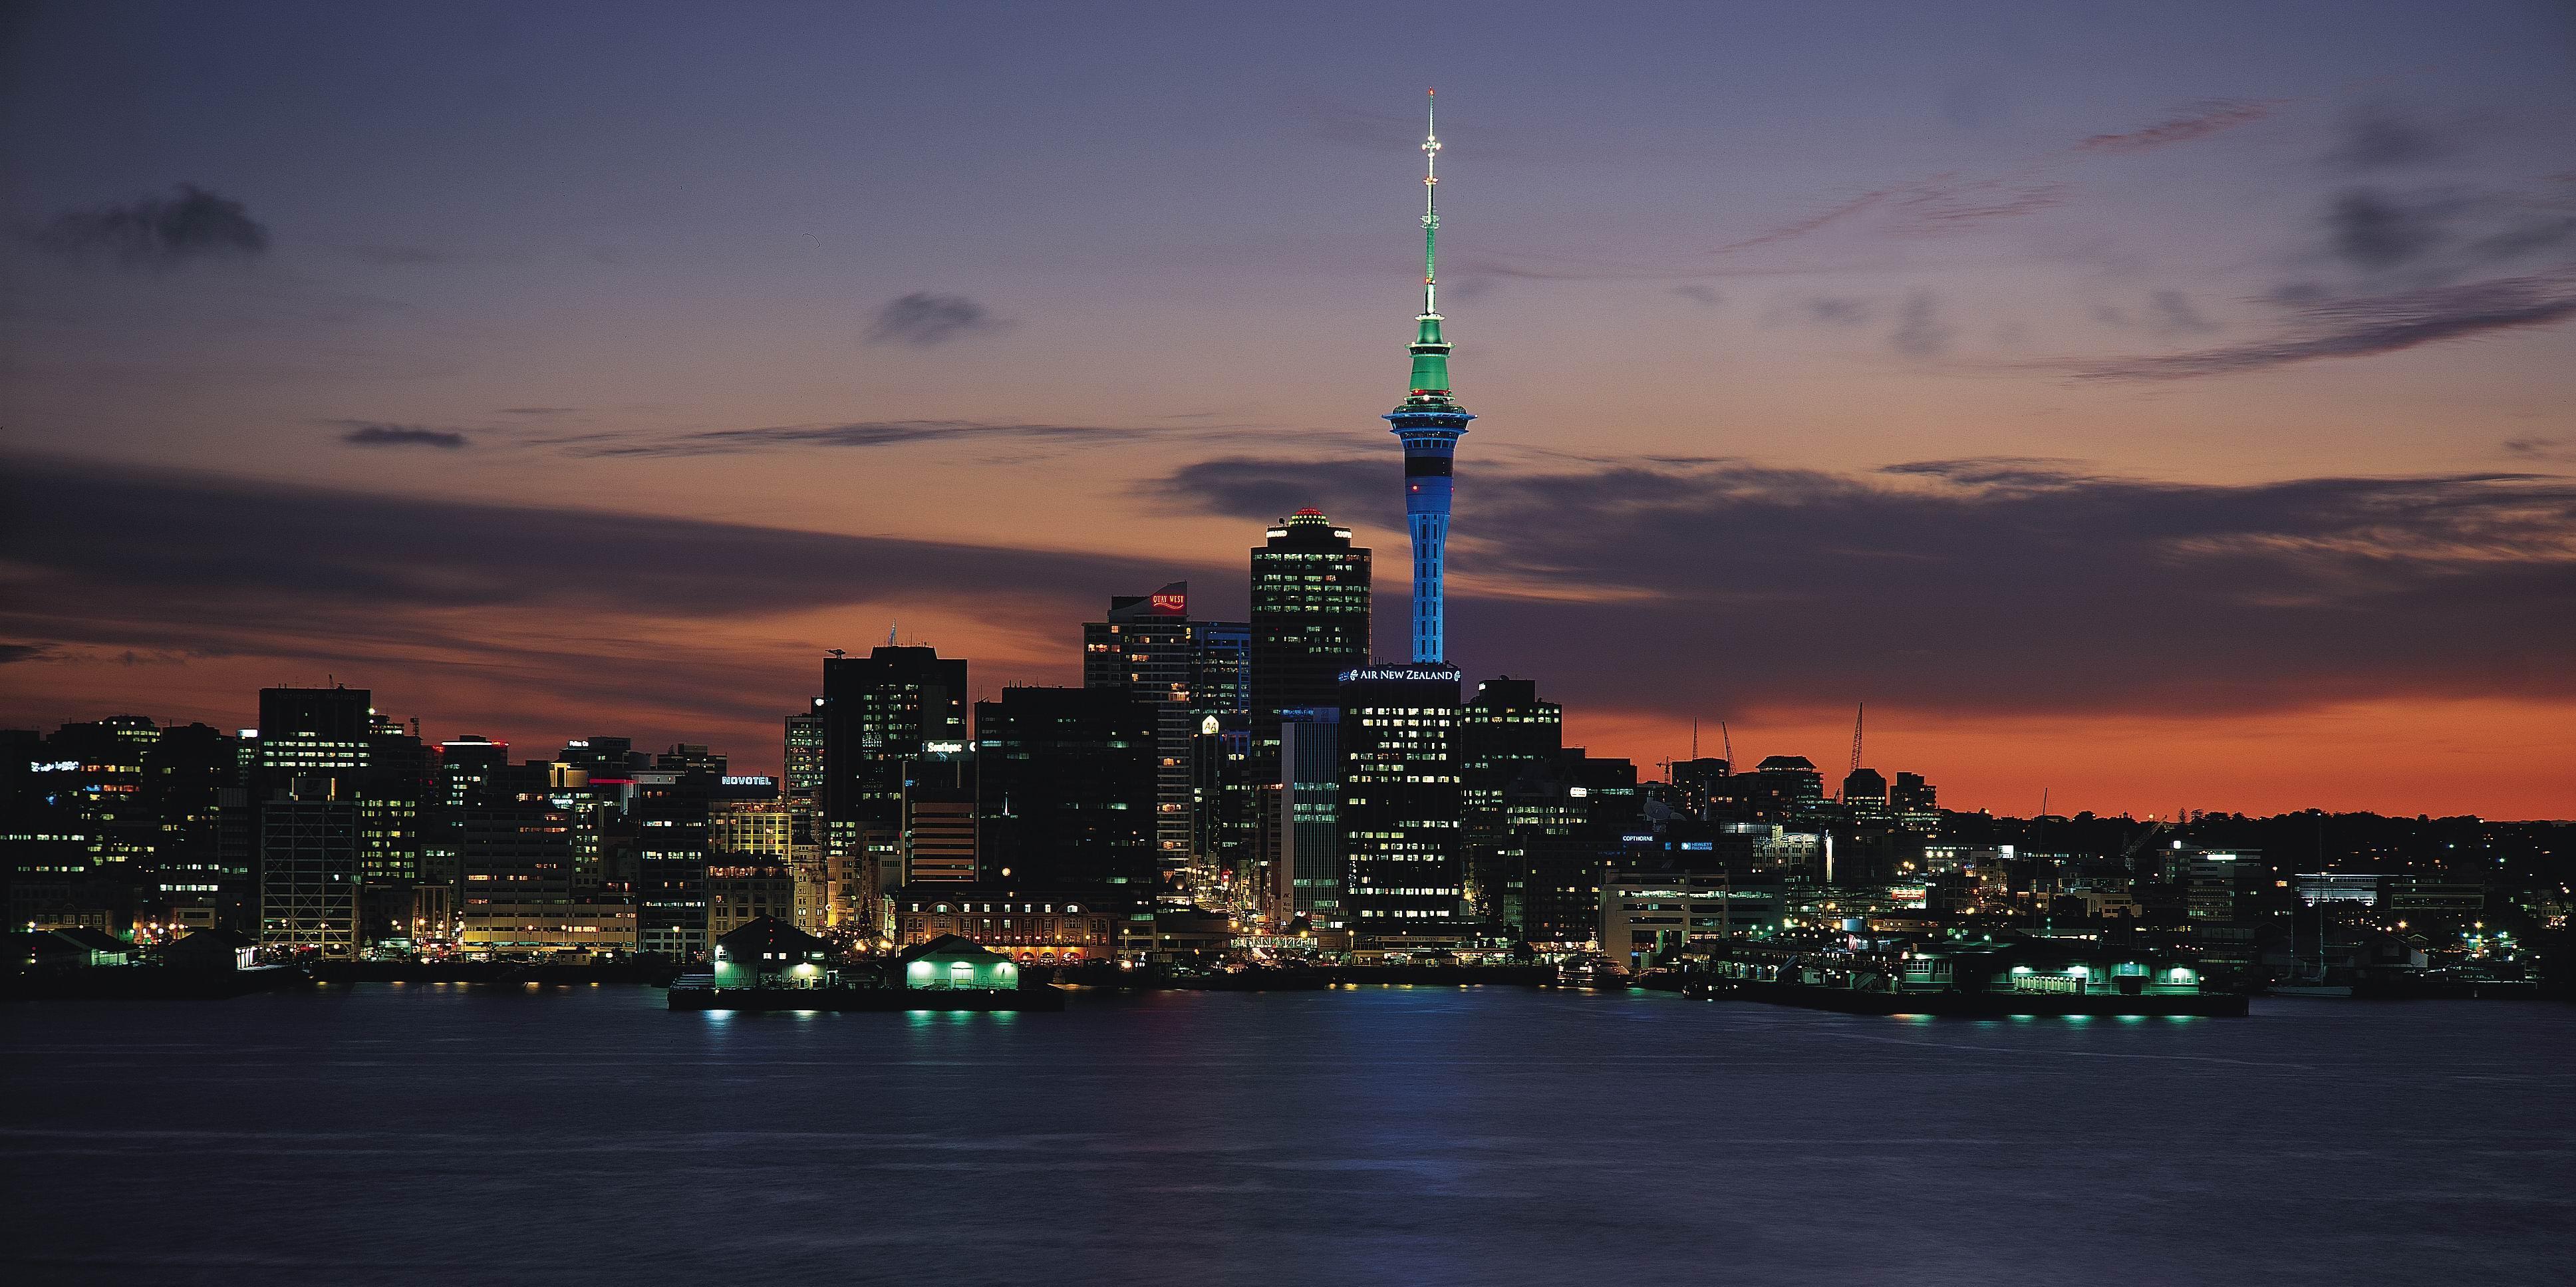 【春节】澳大利亚+新西兰12日跟团游<海陆空360度体验之旅 香港航空公司航班 A27>